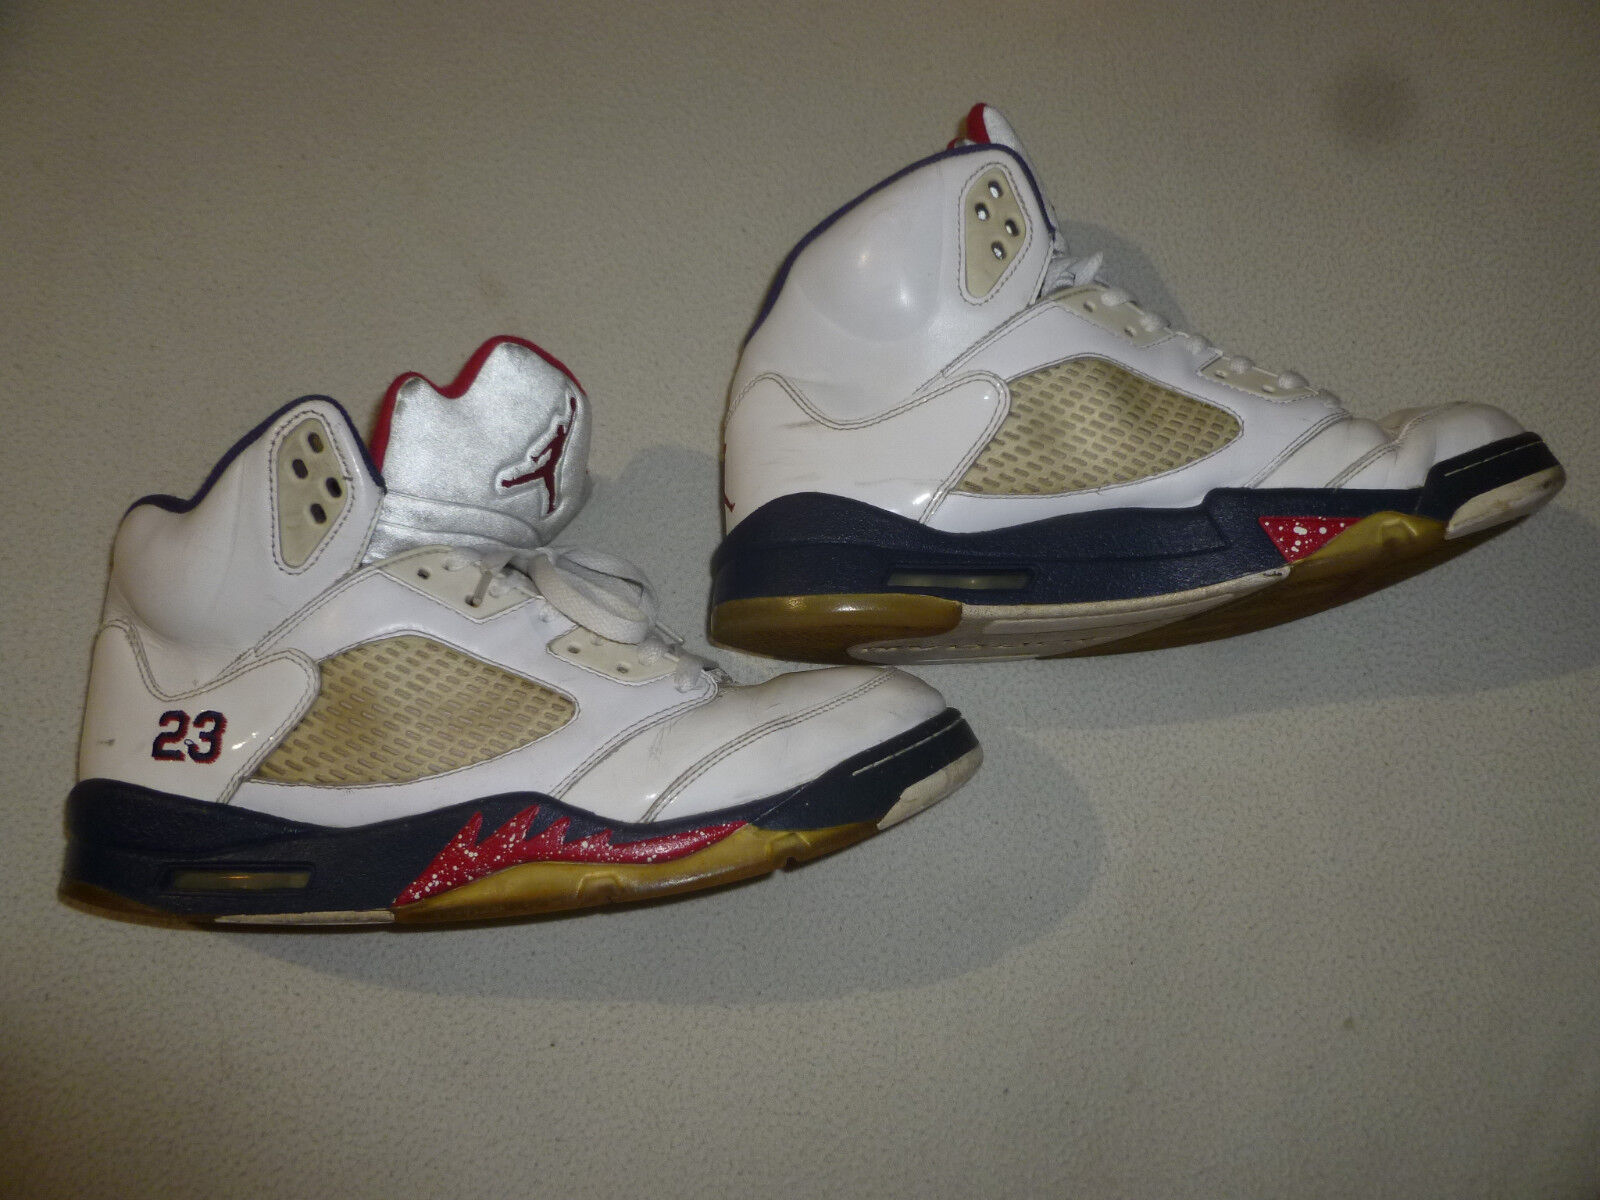 Nike air jordan 5 / vintage retrò olympic il giorno dell'indipendenza 136027-103 46 23